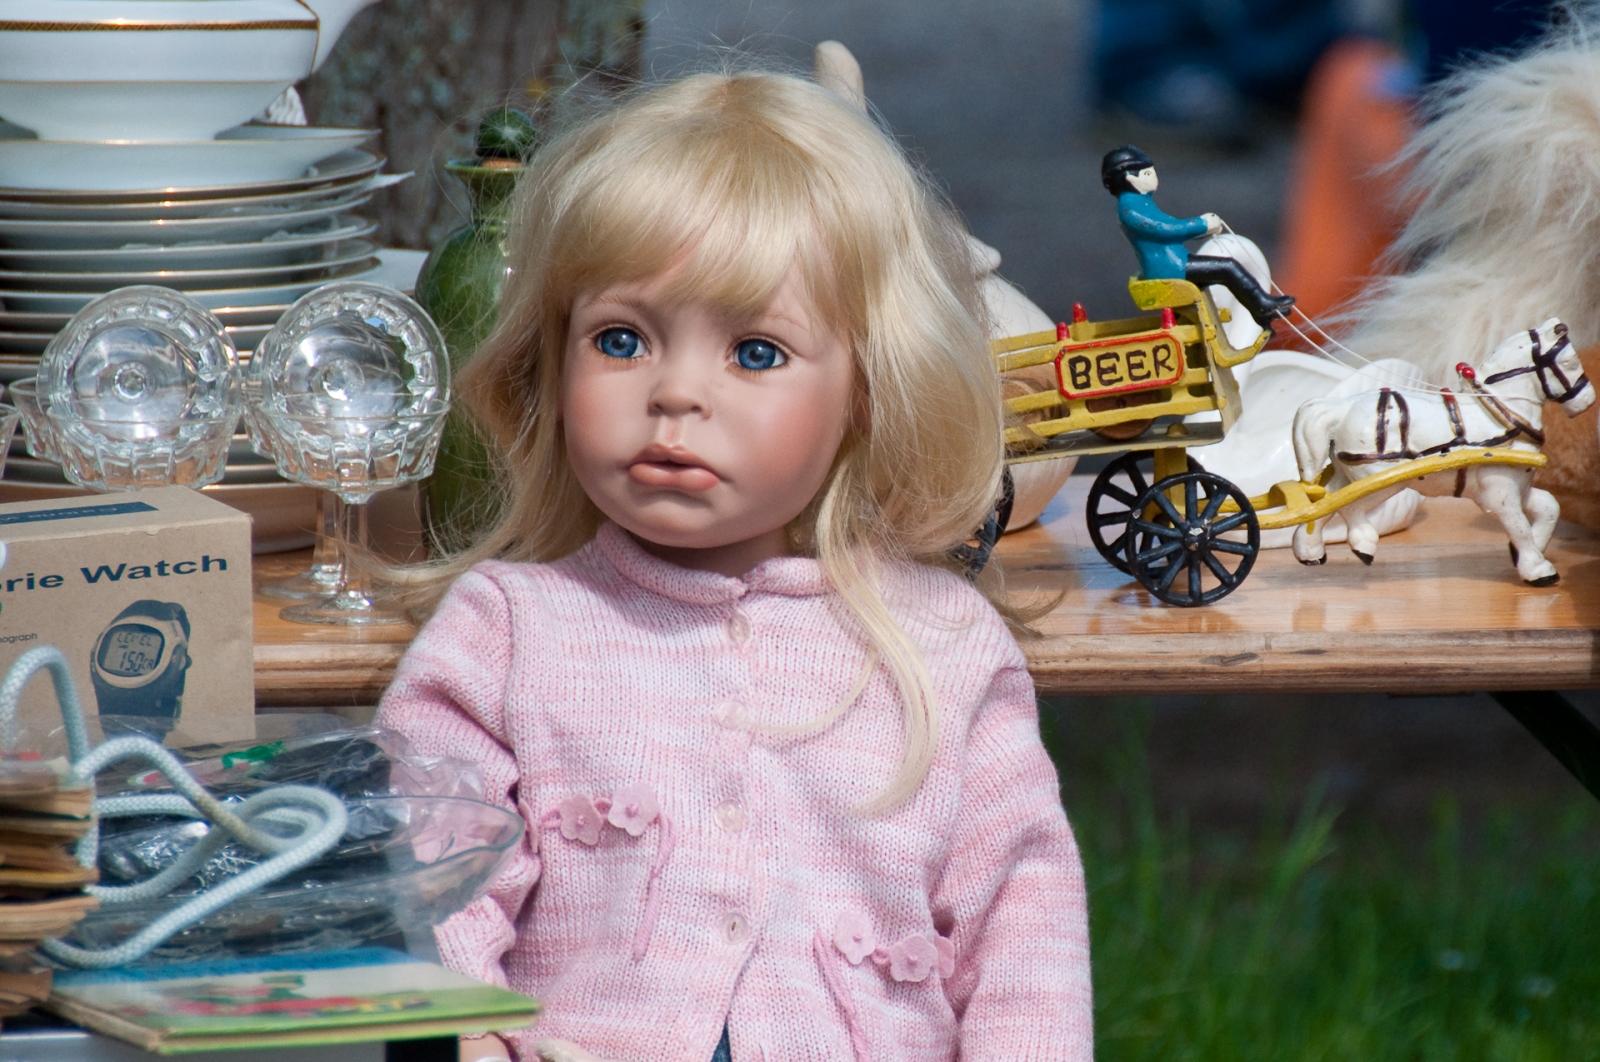 läskig docka creepy doll uncanny valley